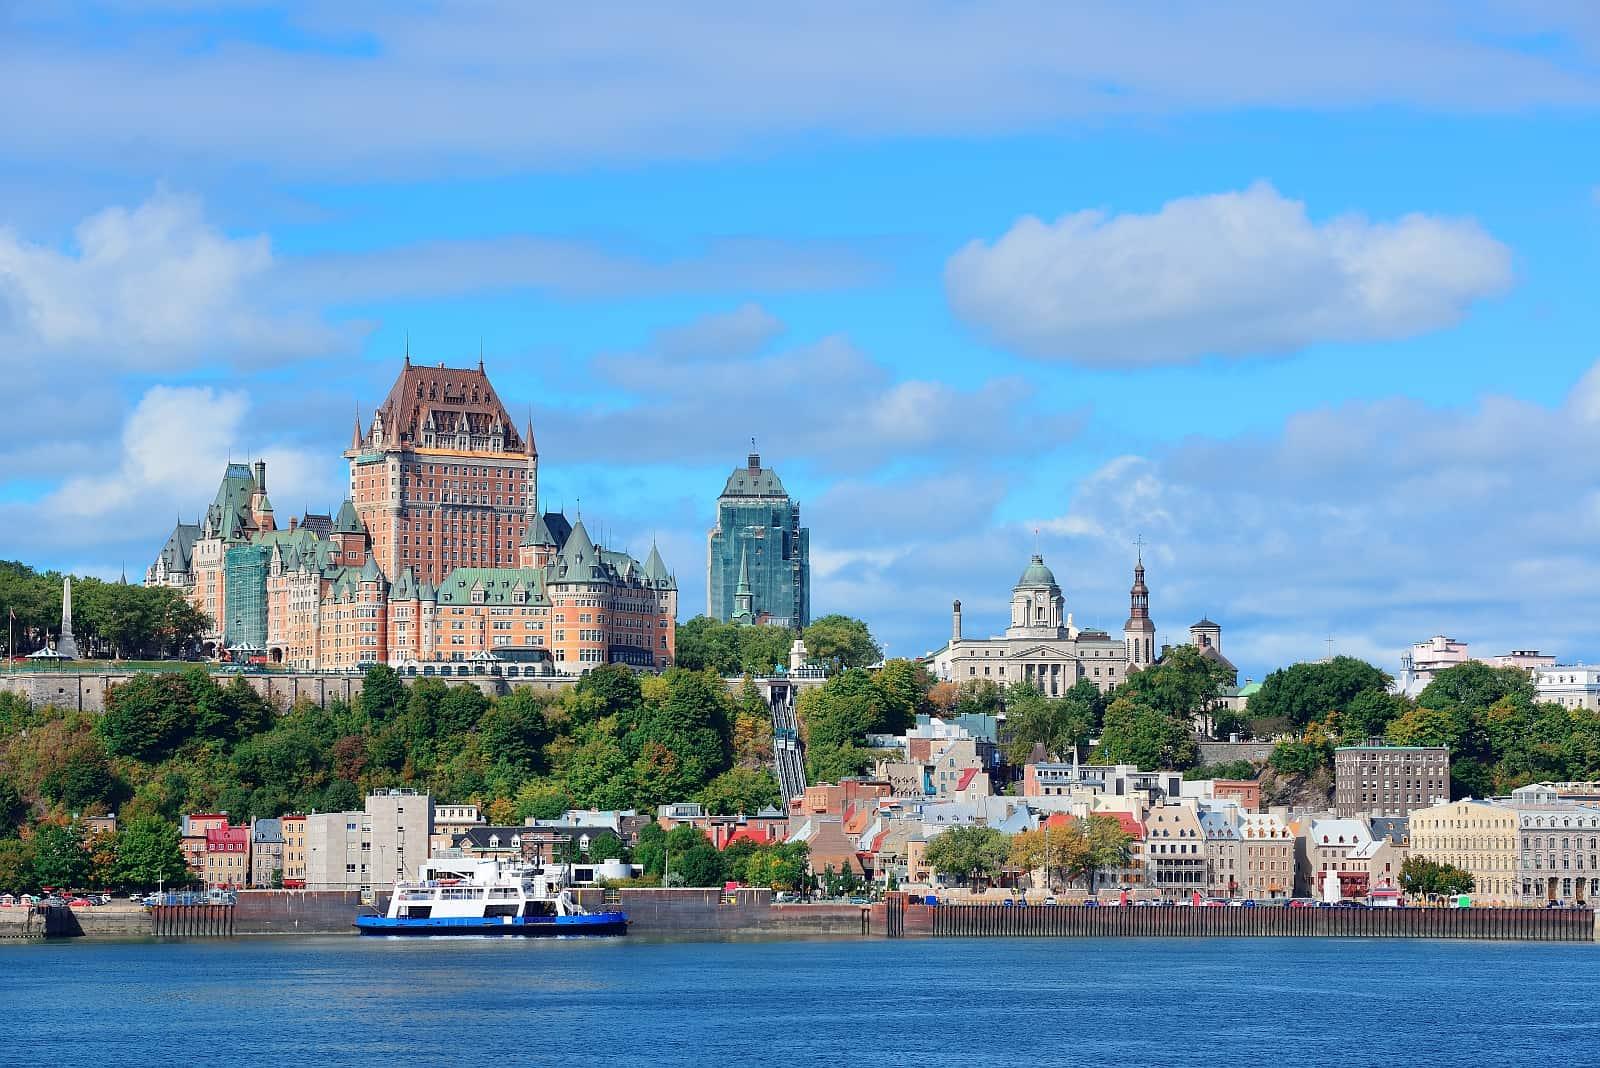 Mächtig und stadtbildprägend, das Fairmont Le Château Frontenac Luxushotel im Herzen von Quebec City.